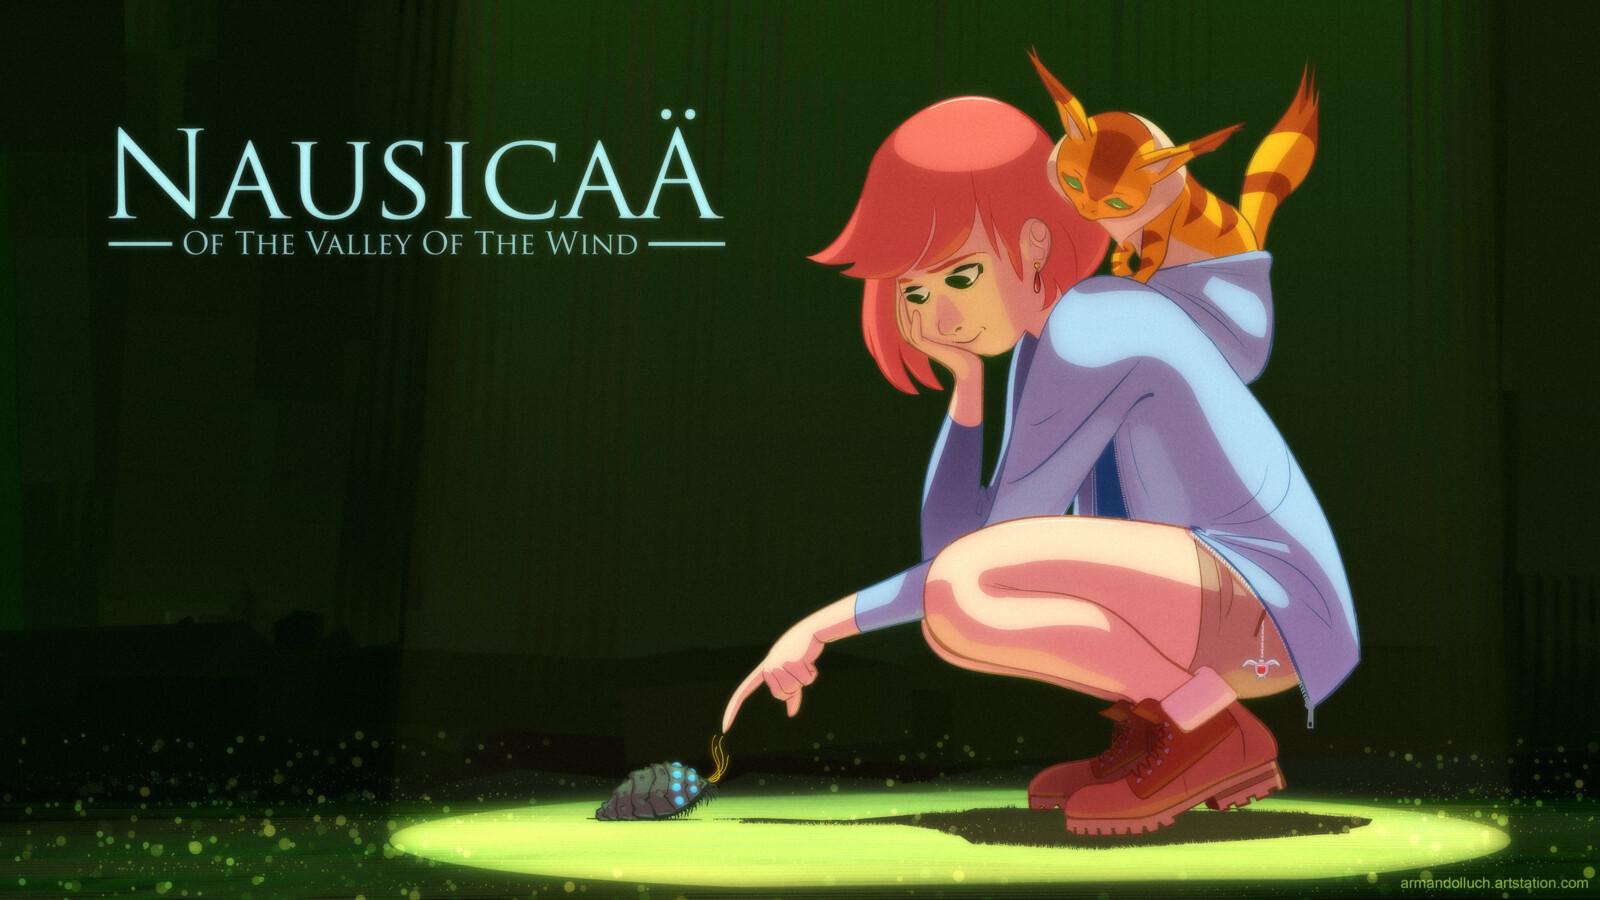 Nausicaä (fan art)